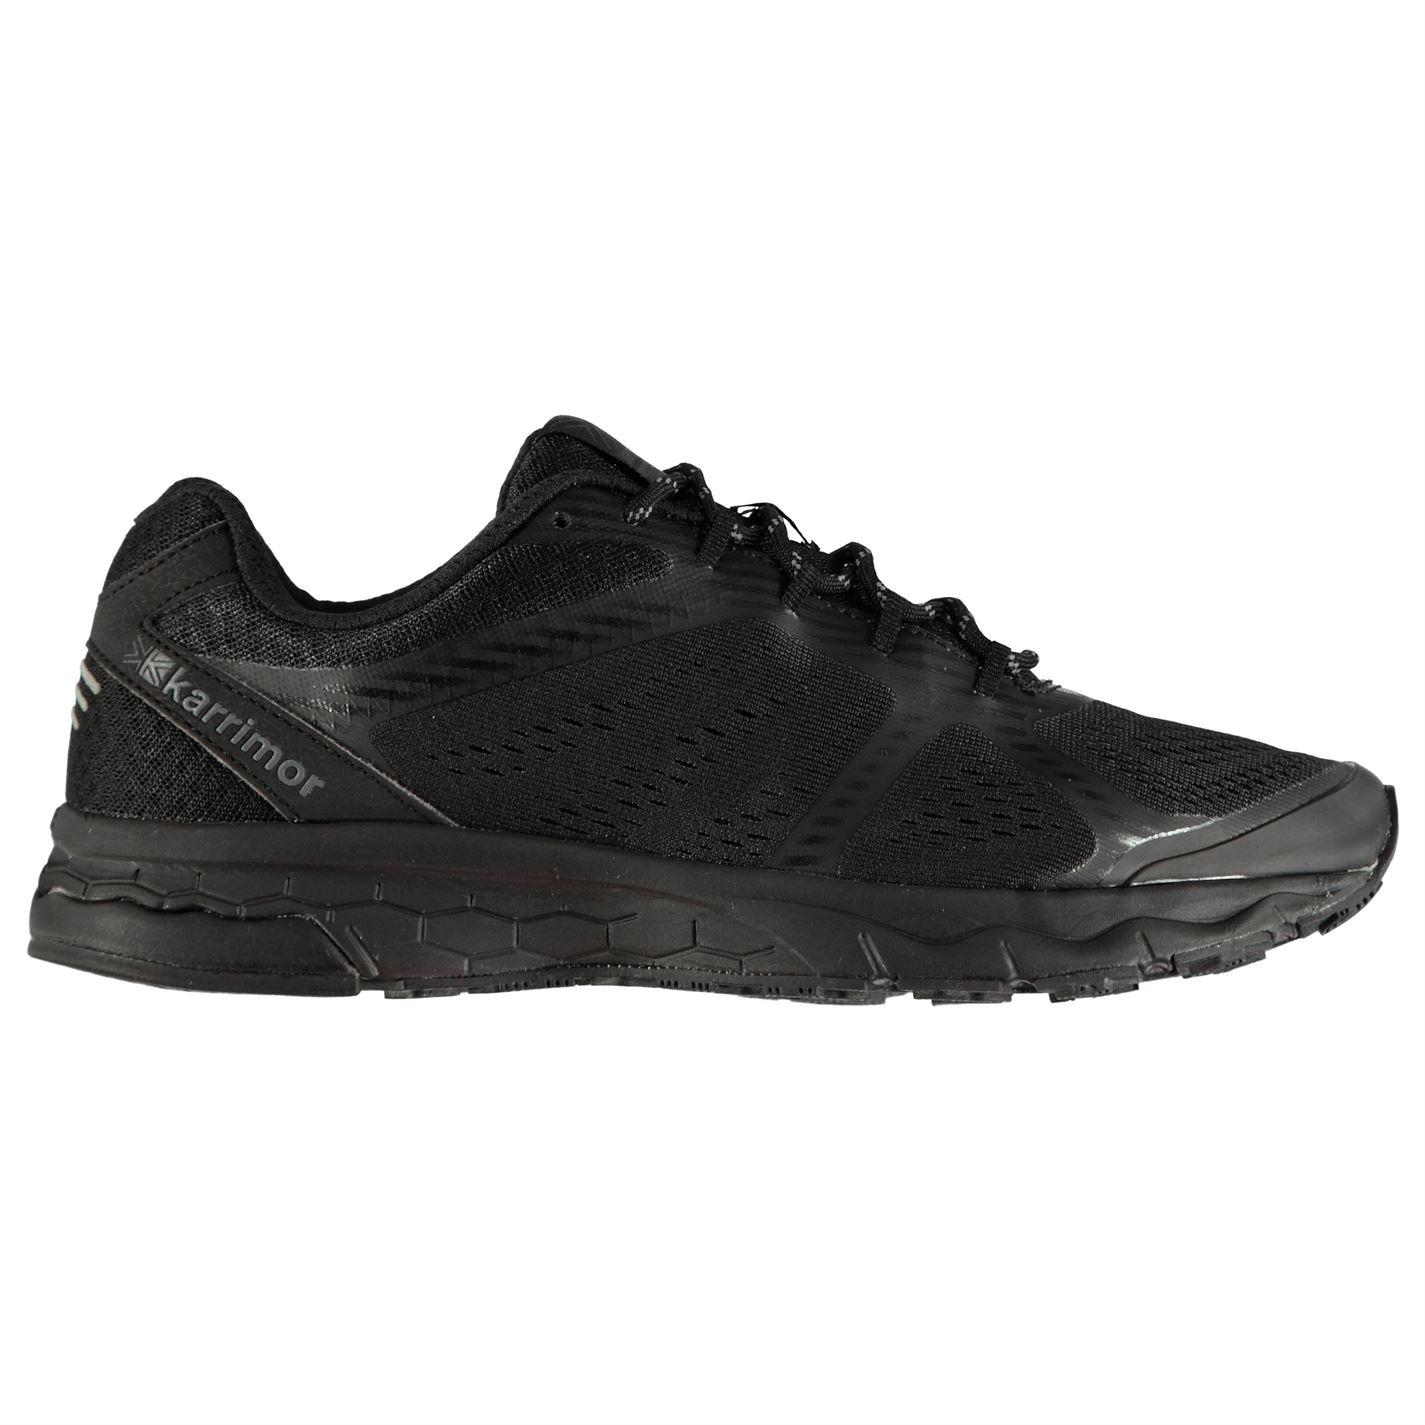 b22a42ae02149 Karrimor Tempo 5 pánske bežecké topánky